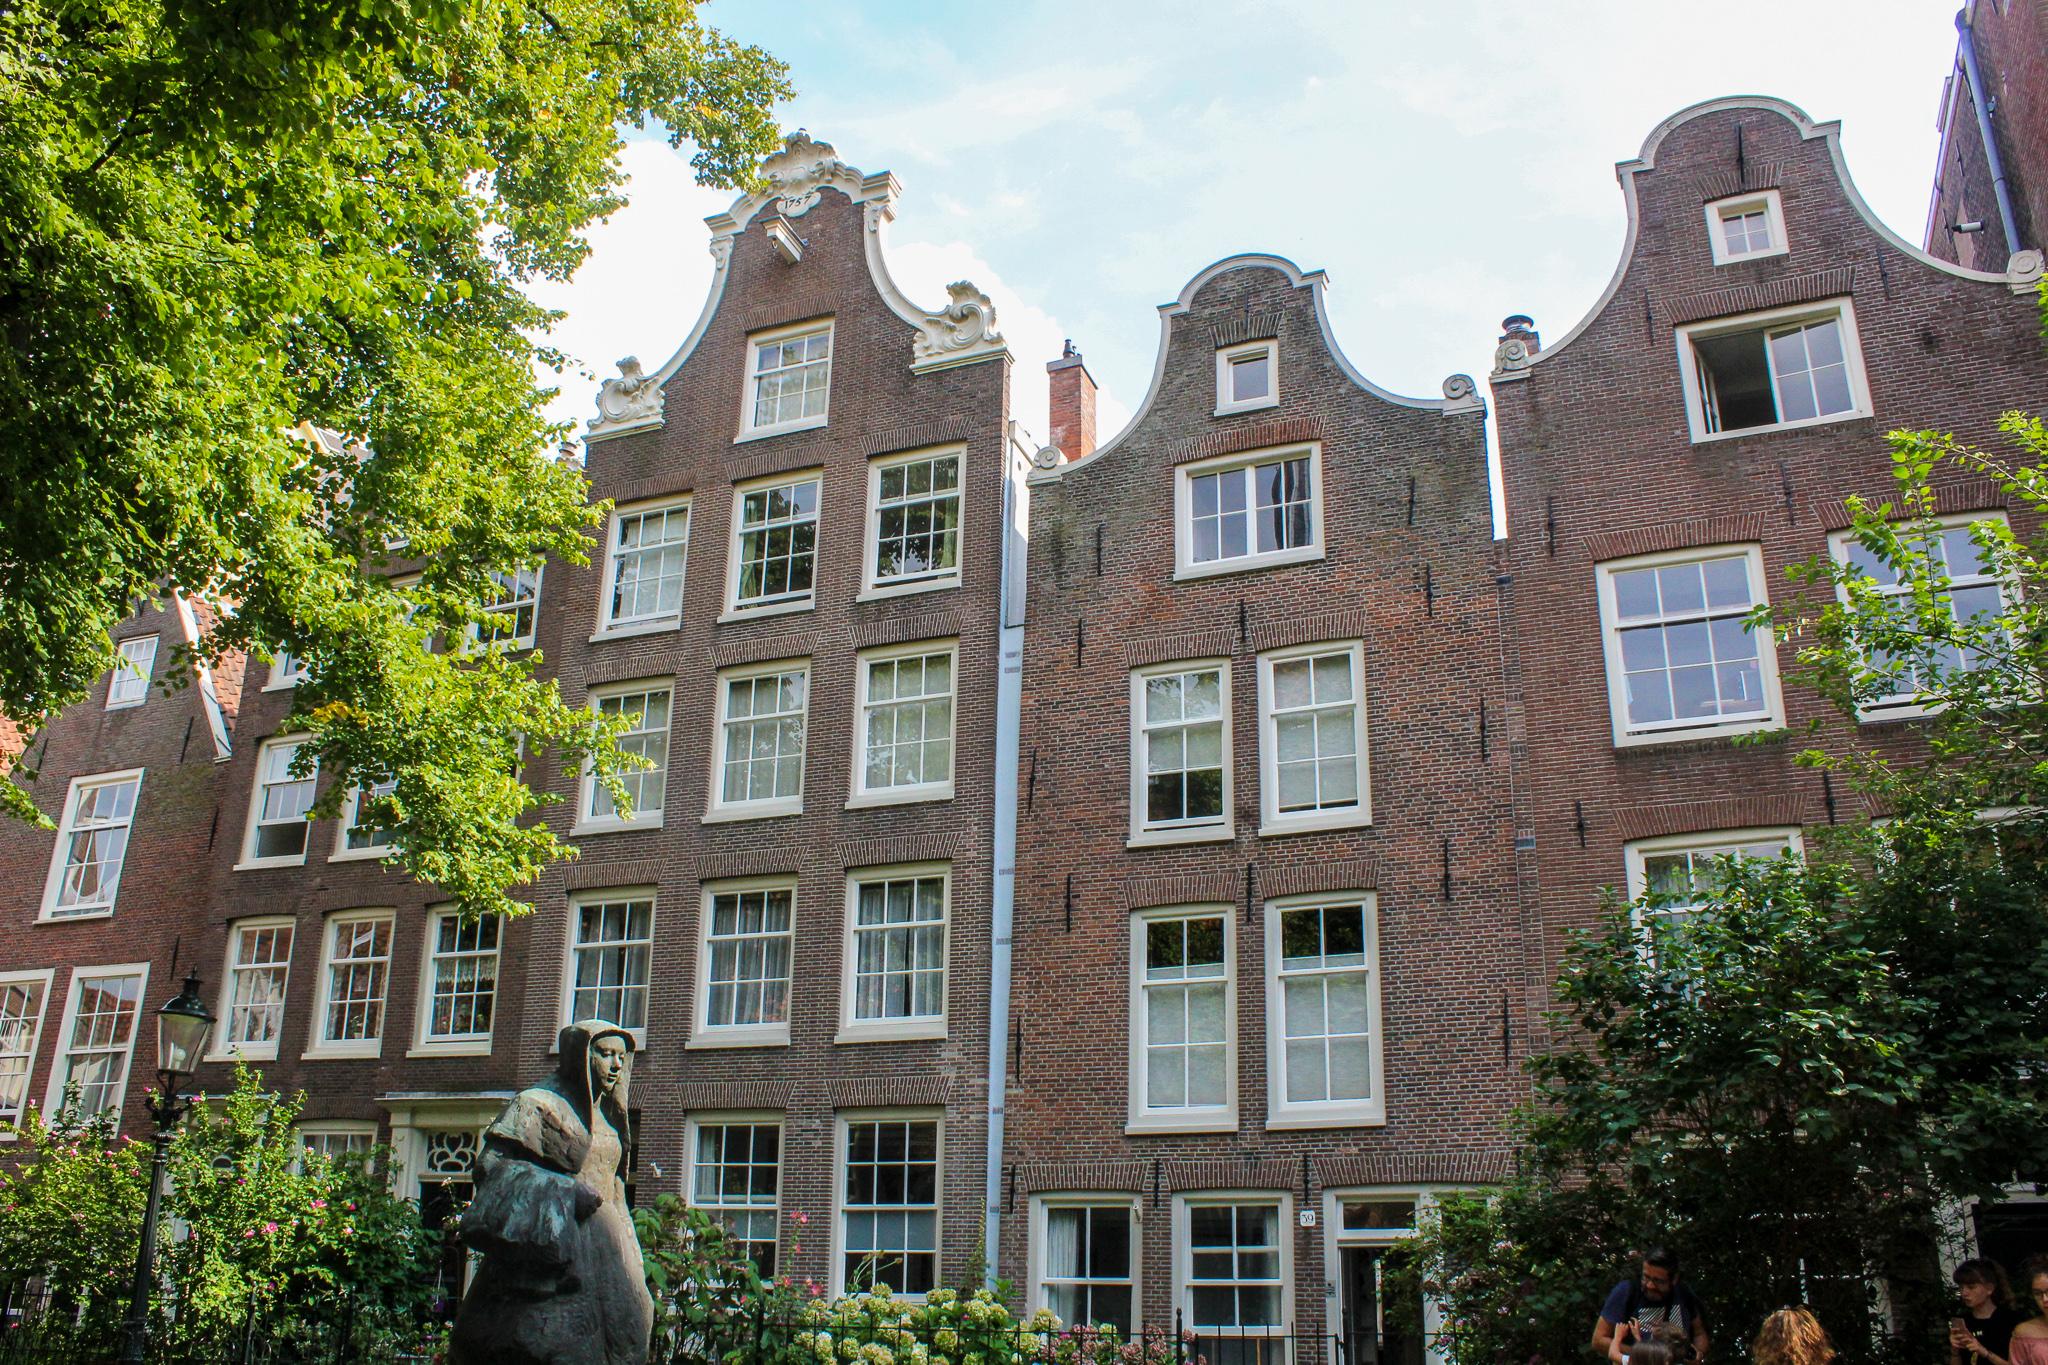 2 days in amsterdam itinerary: don't skip lovely begijnhof